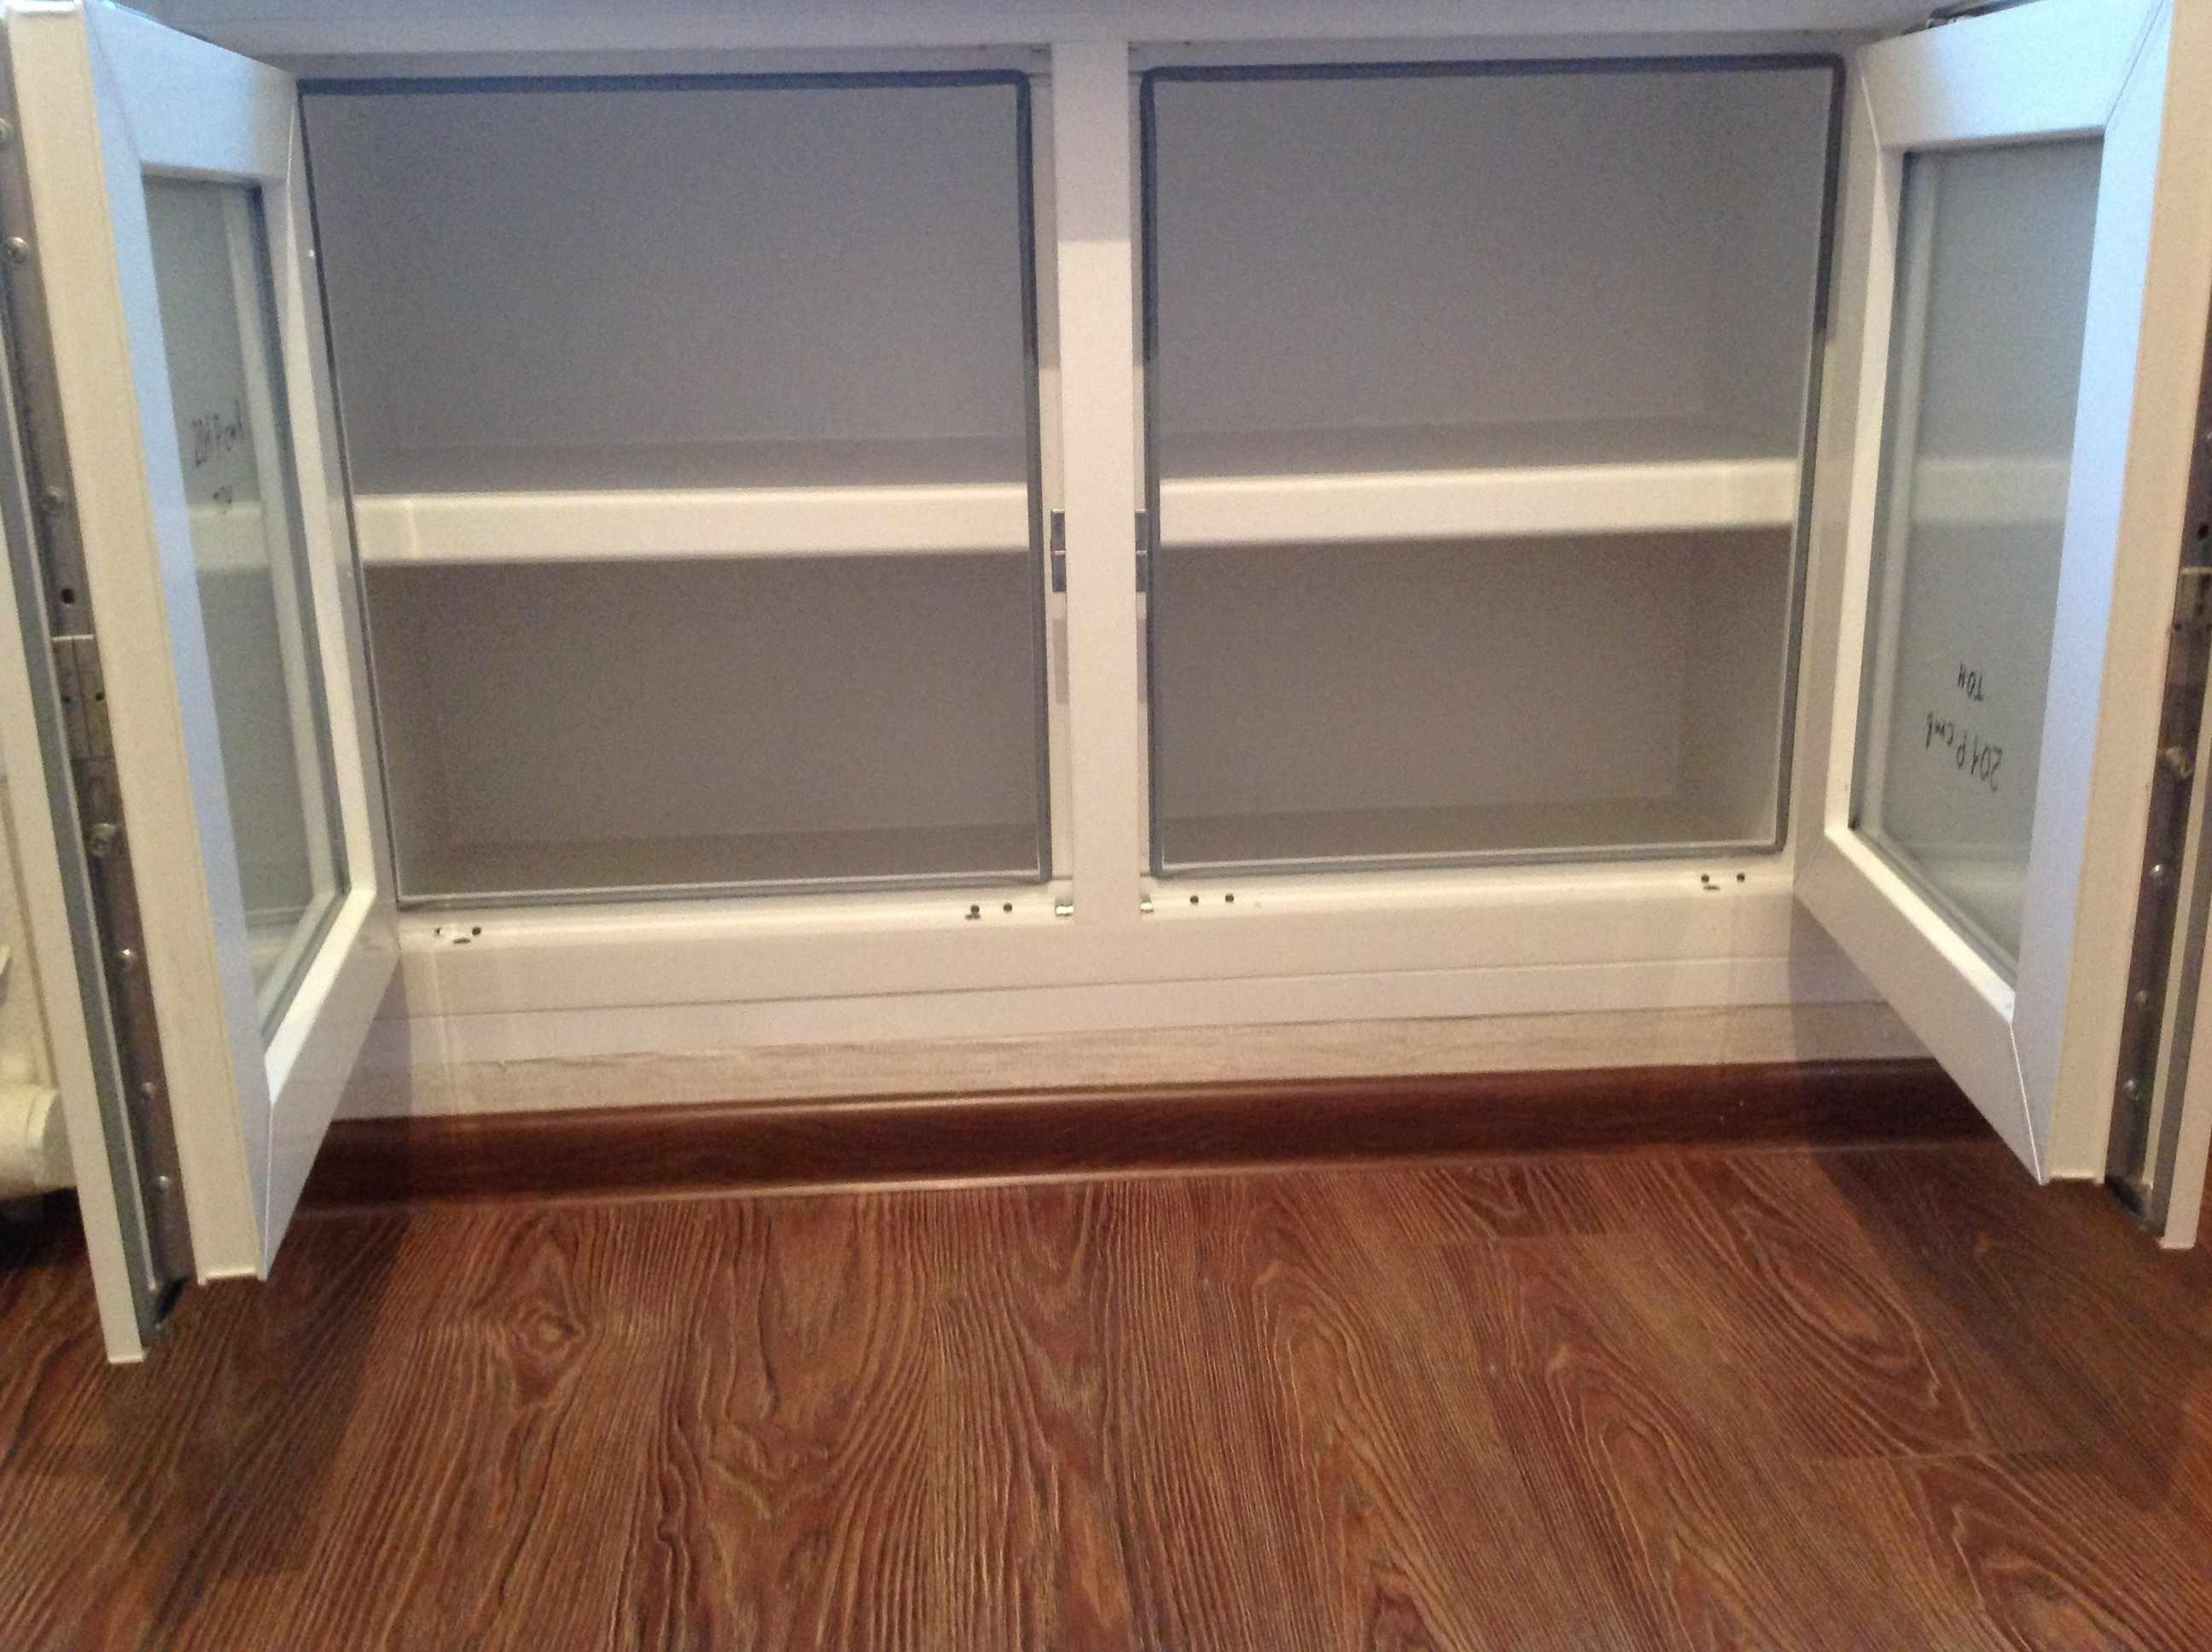 Кухня с холодильником под окном